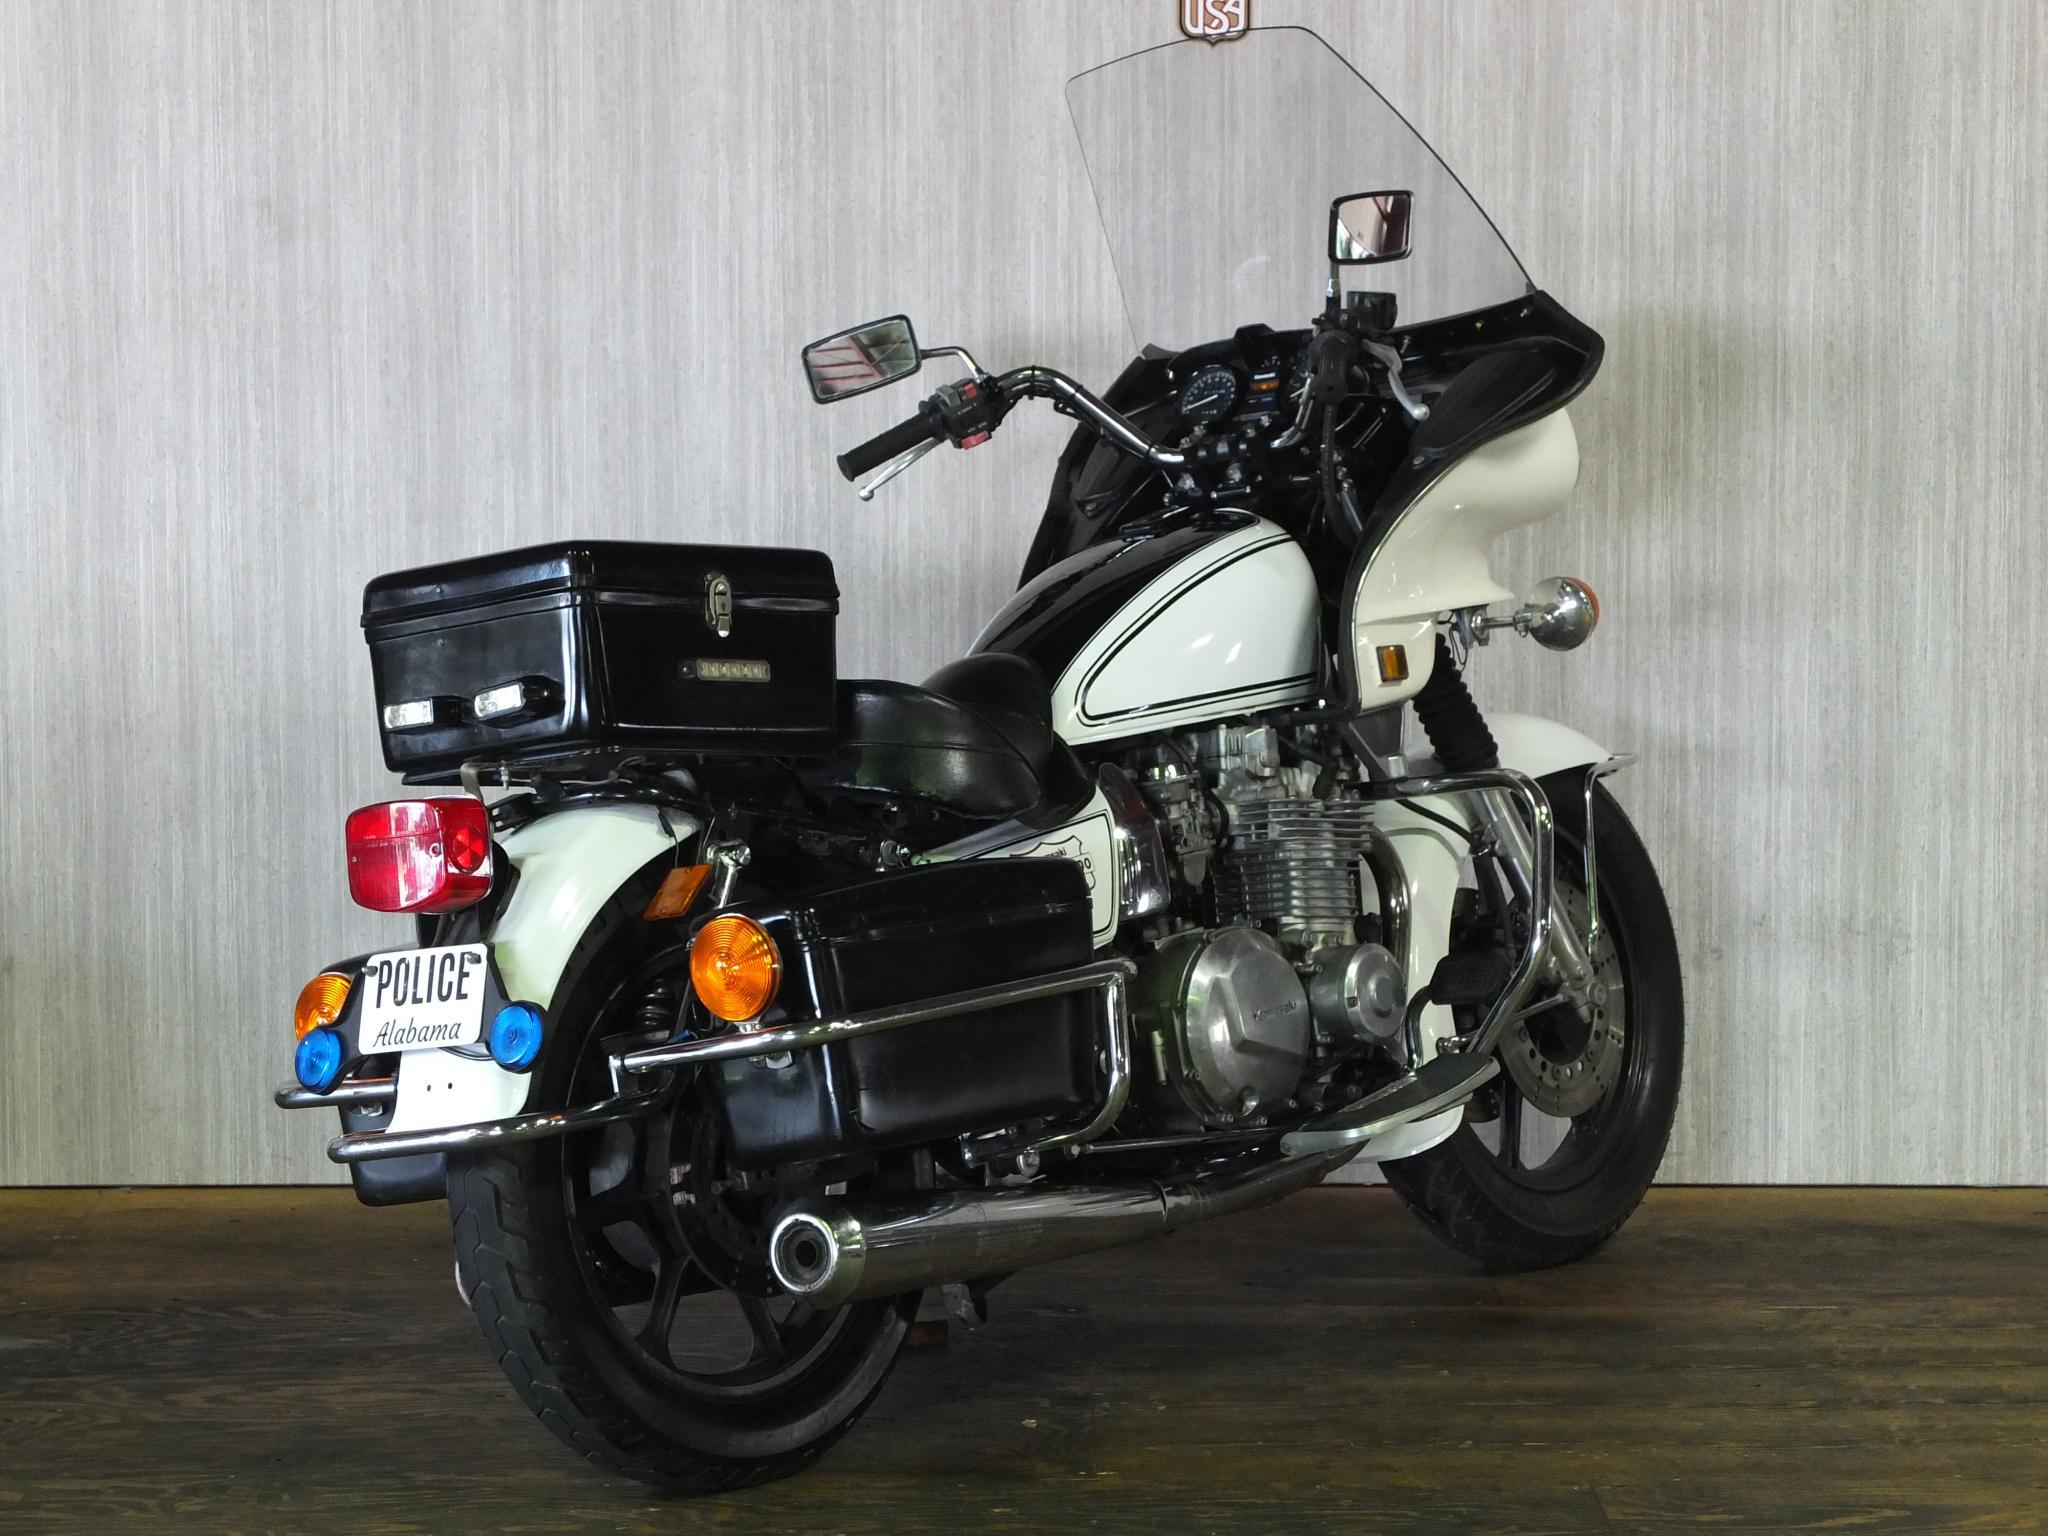 カワサキ 1998 Kawasaki KZ1000P 車体写真3